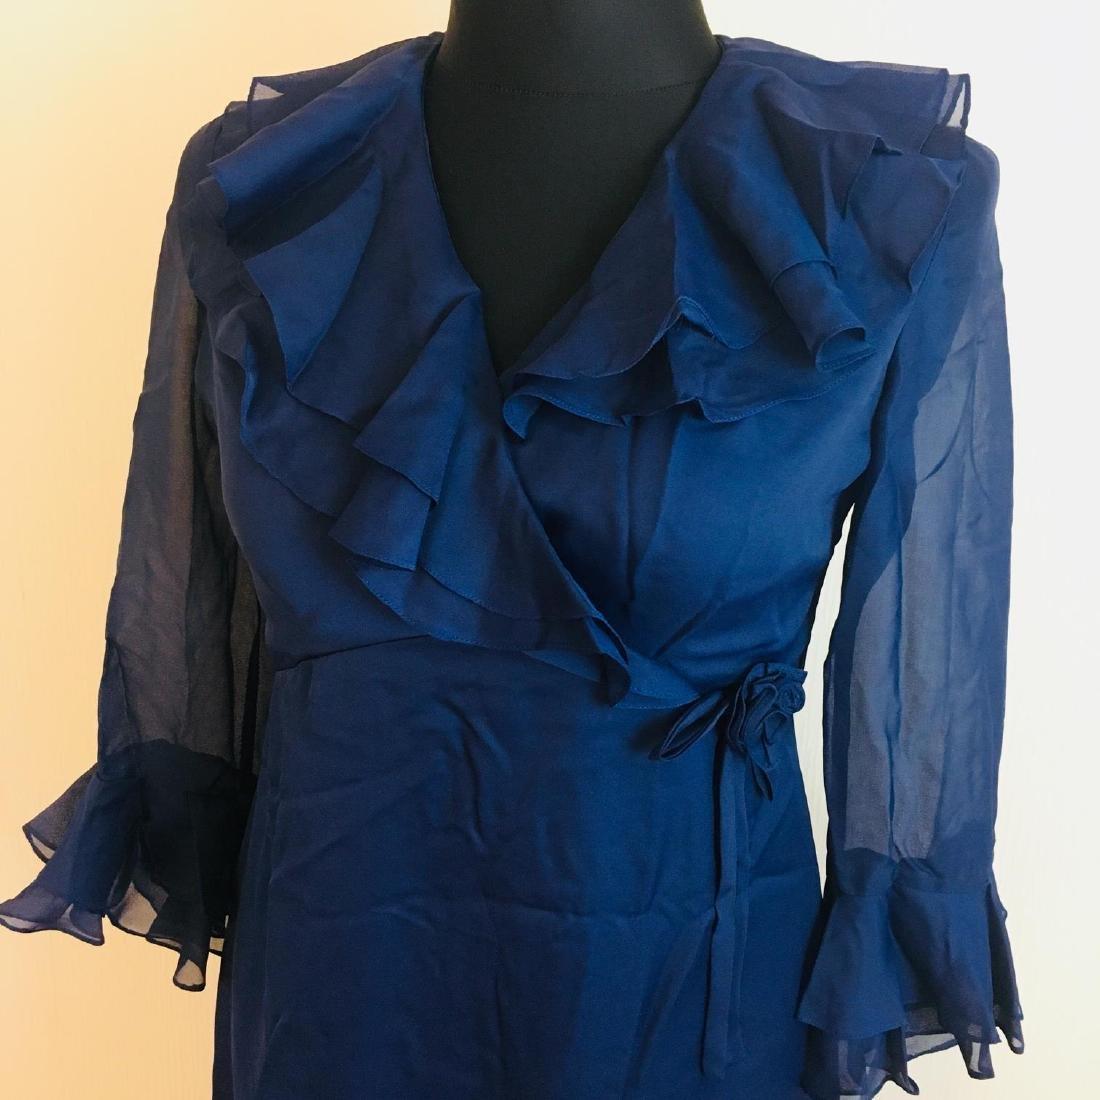 Vintage Women's Evening Dress Size EUR 14 US 44 - 2